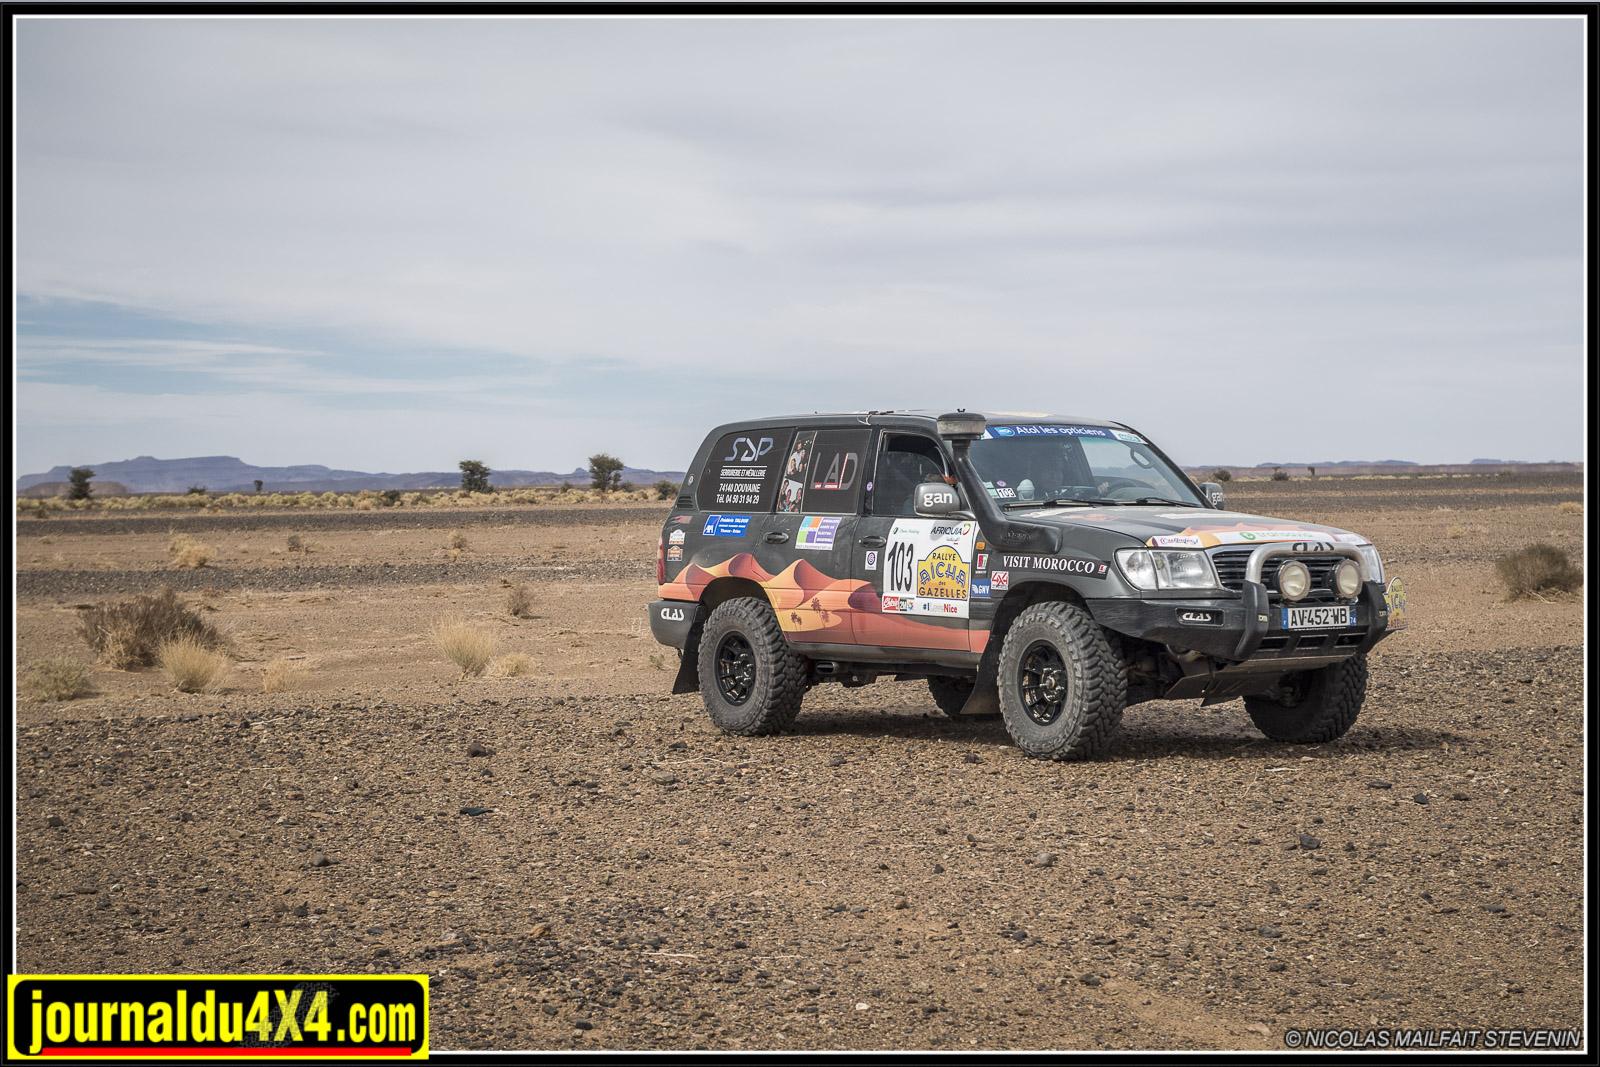 rallye-aicha-gazelles-maroc-2017-6801.jpg